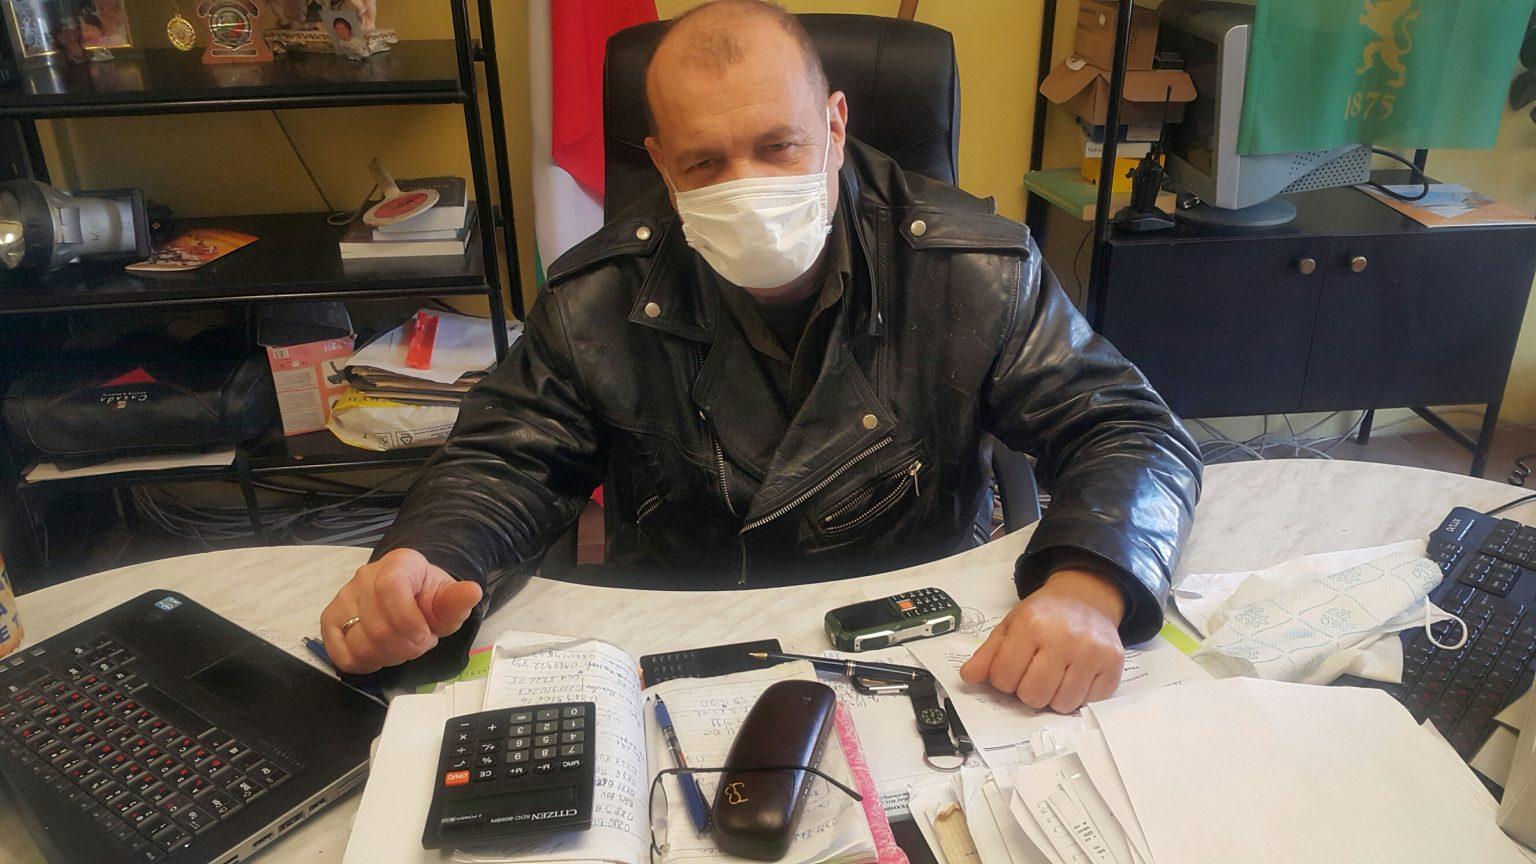 Росен Русанов: Все още има човещина в хората